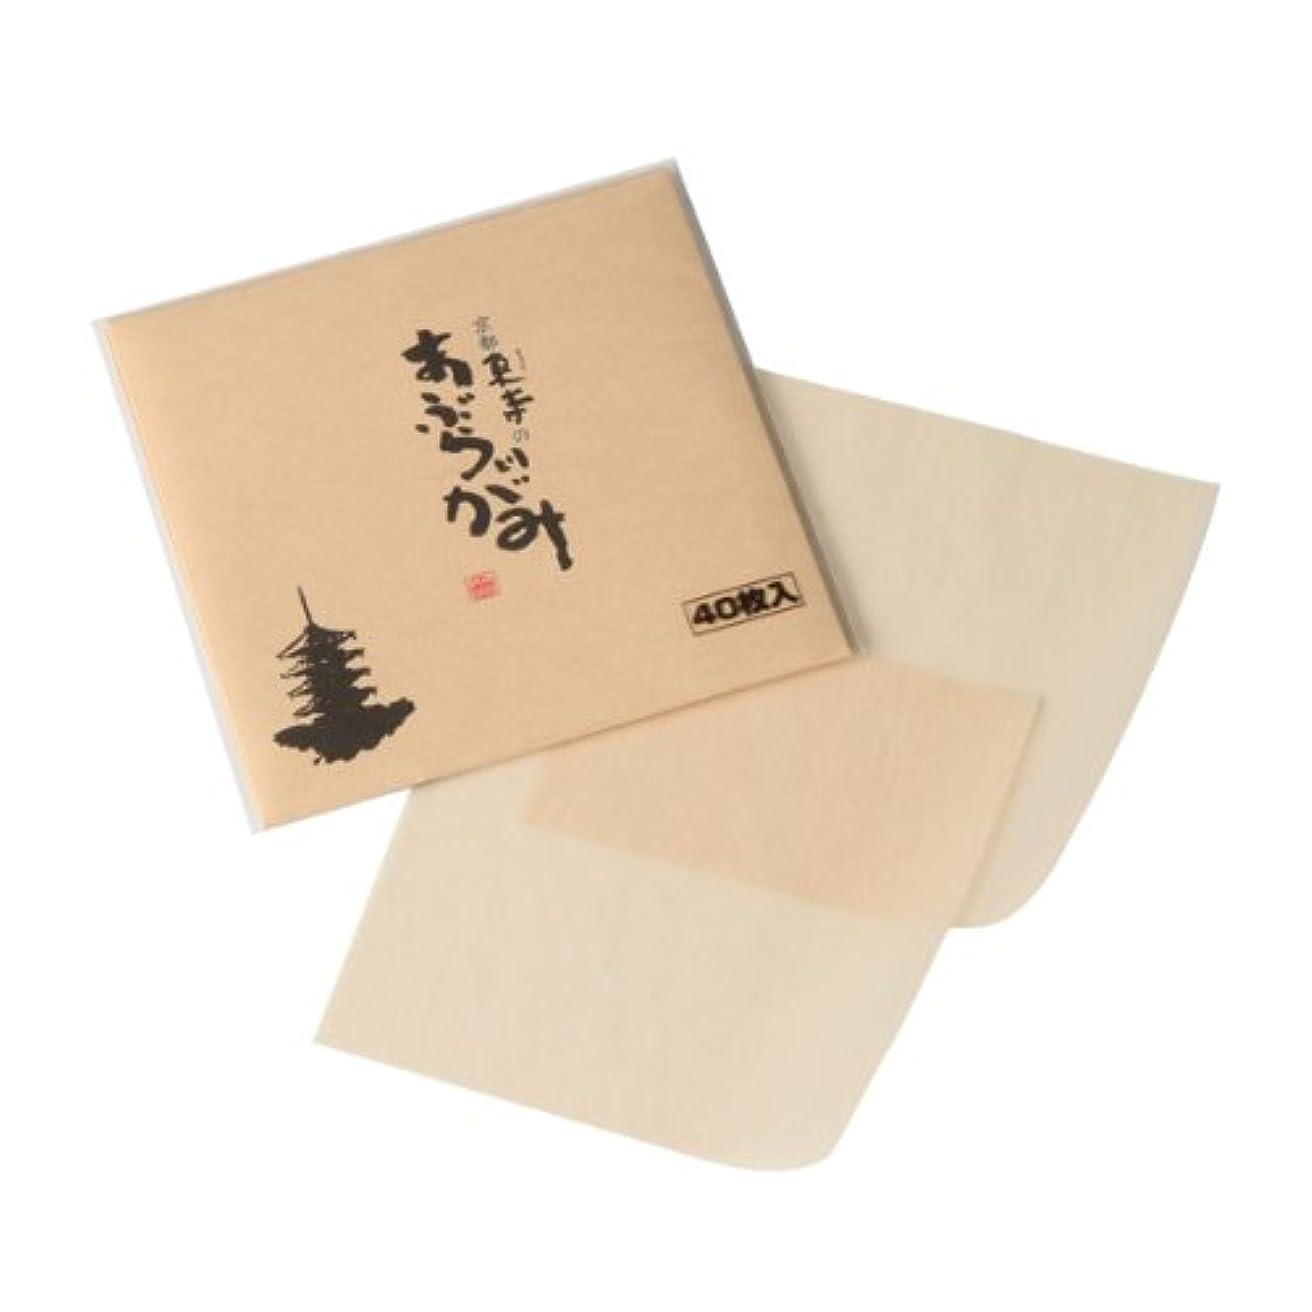 始まり抵抗する五月京都東寺のあぶらとりがみ レギュラーサイズ 40枚入